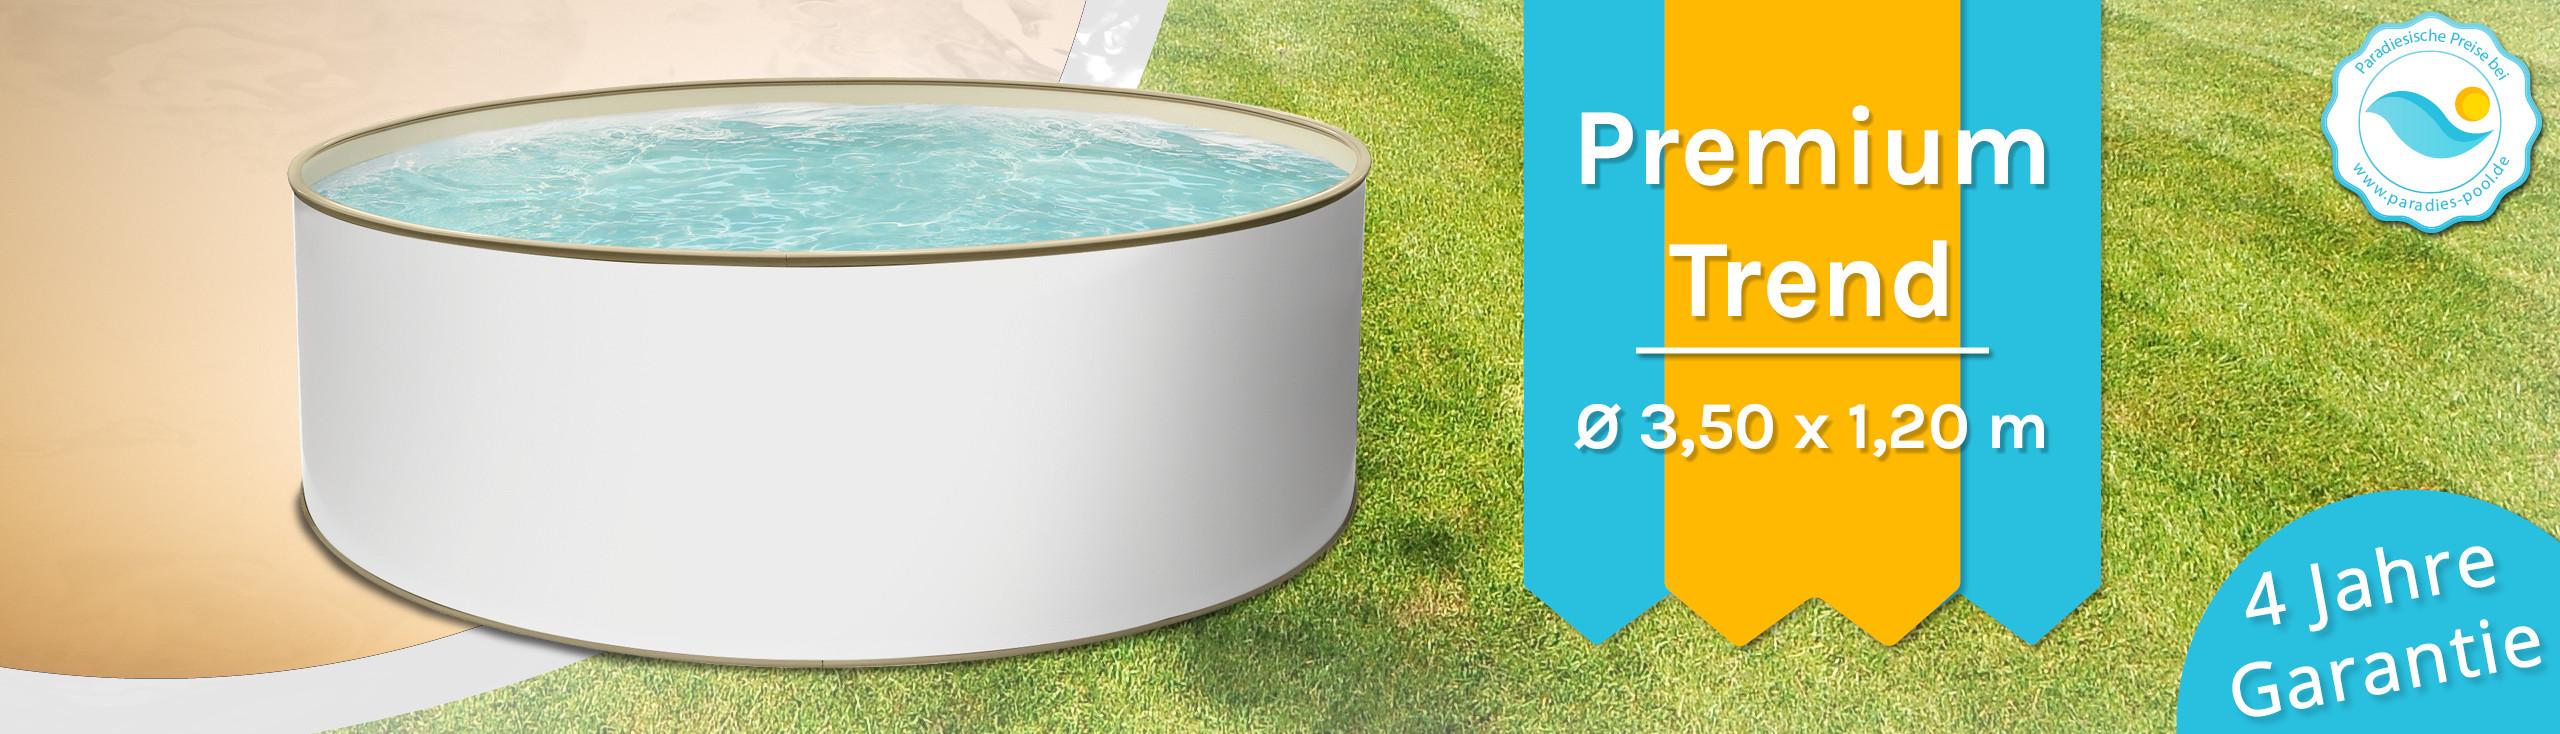 Premium Trend Pools bei Paradies Pool